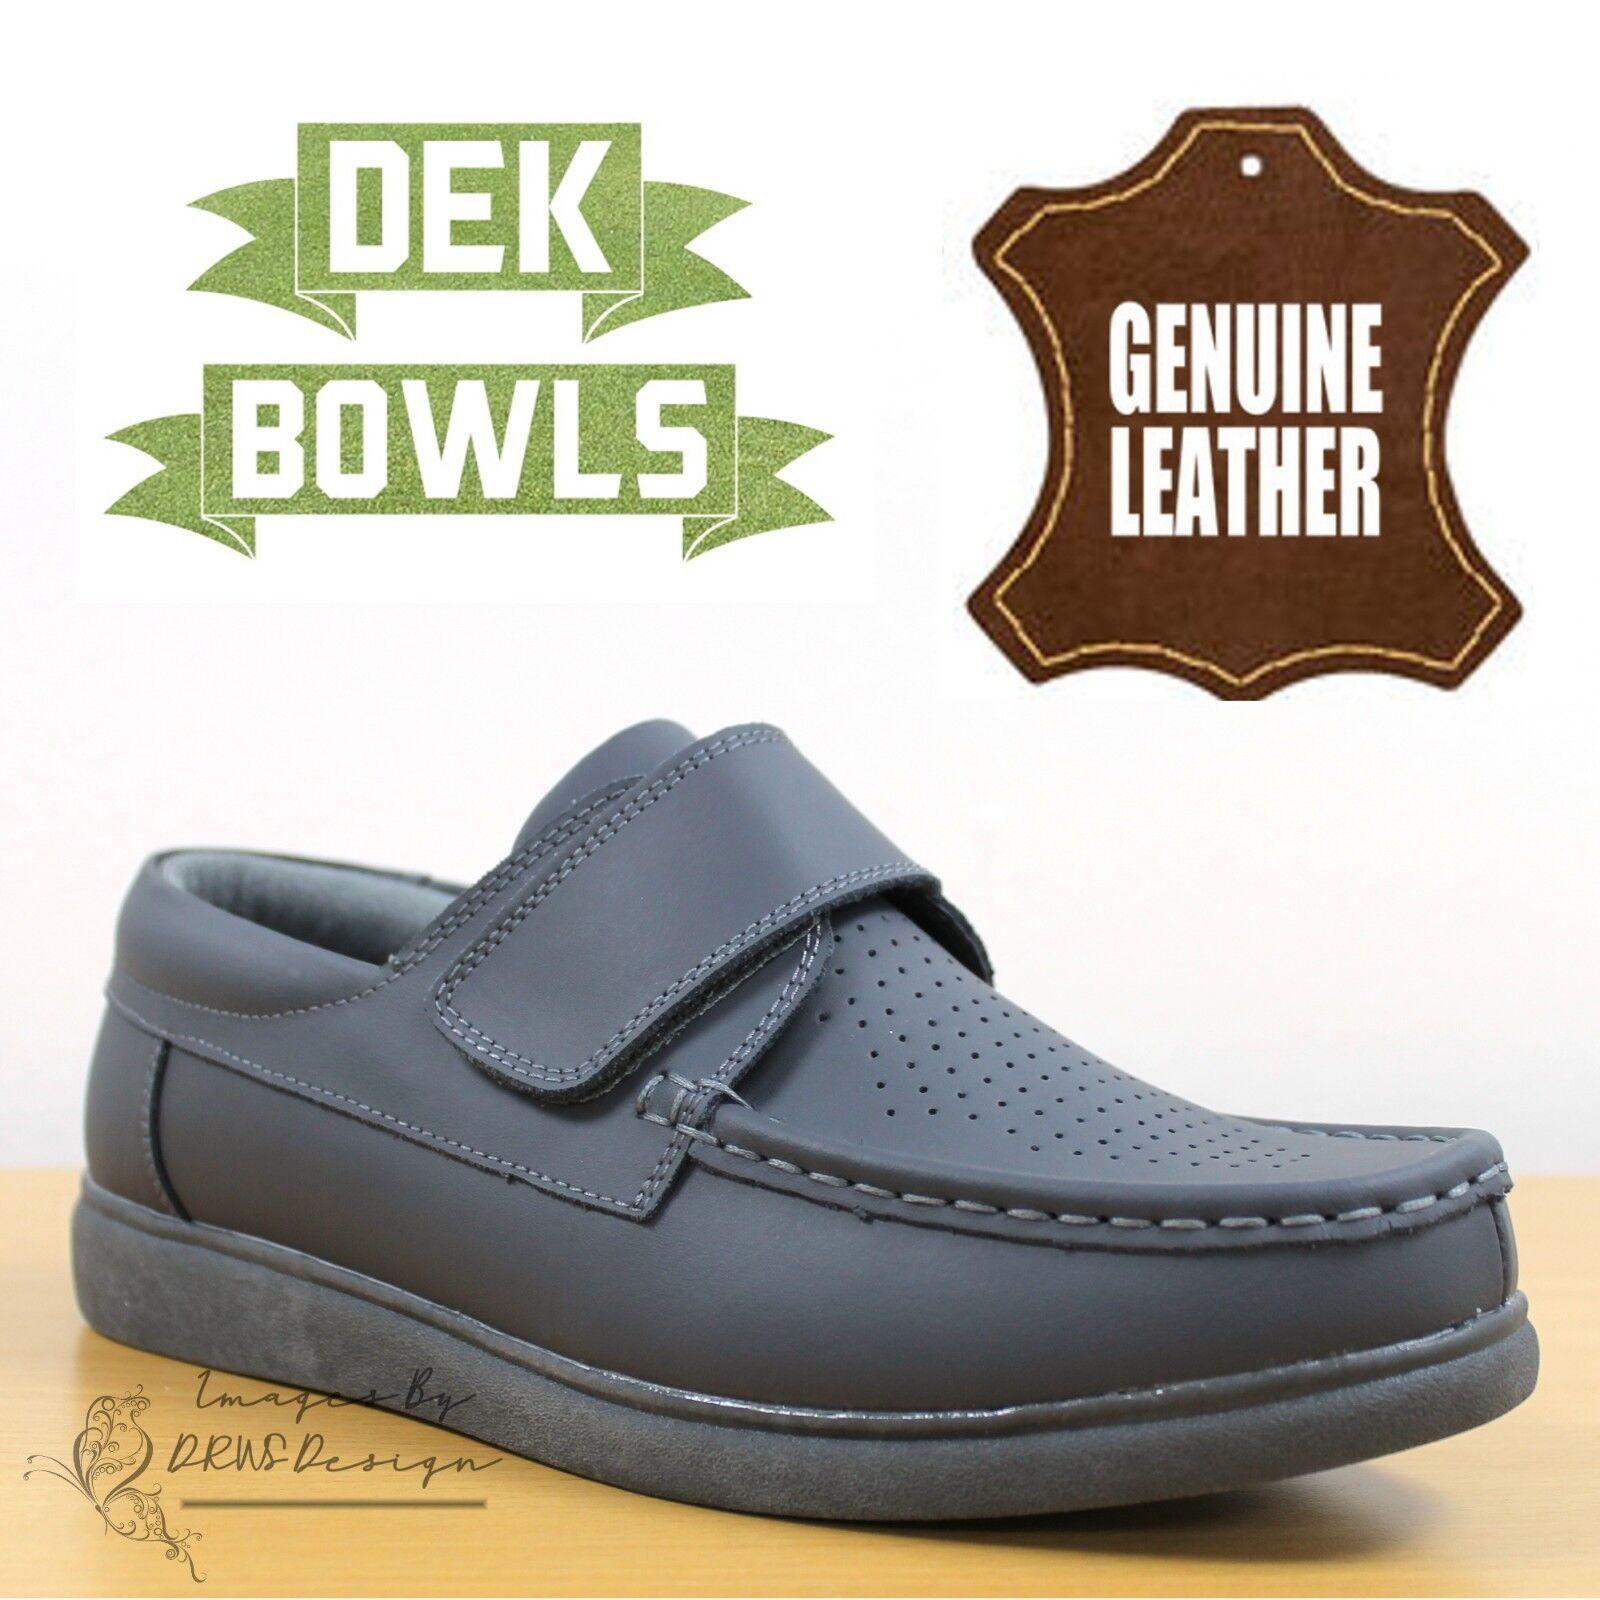 DEK Bowls Unisex Leather Lawn Bowls Trainers Grey Comfort Men's & Women's shoes